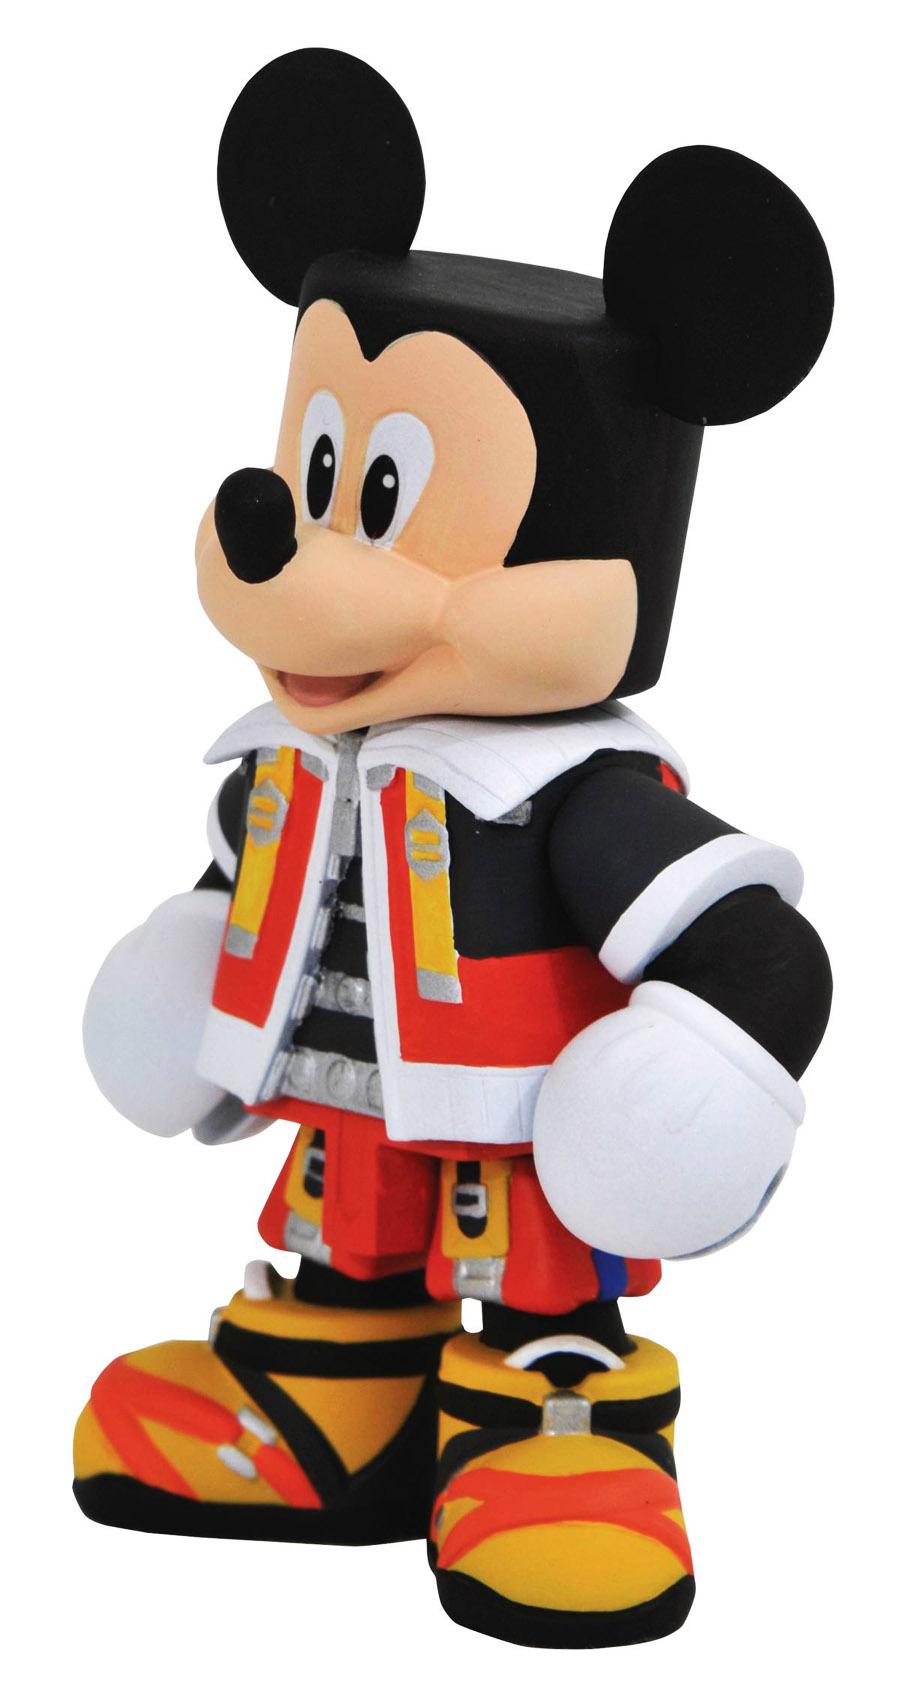 Mickey Kingdom Hearts Disney Vinimate Vinyl Figure